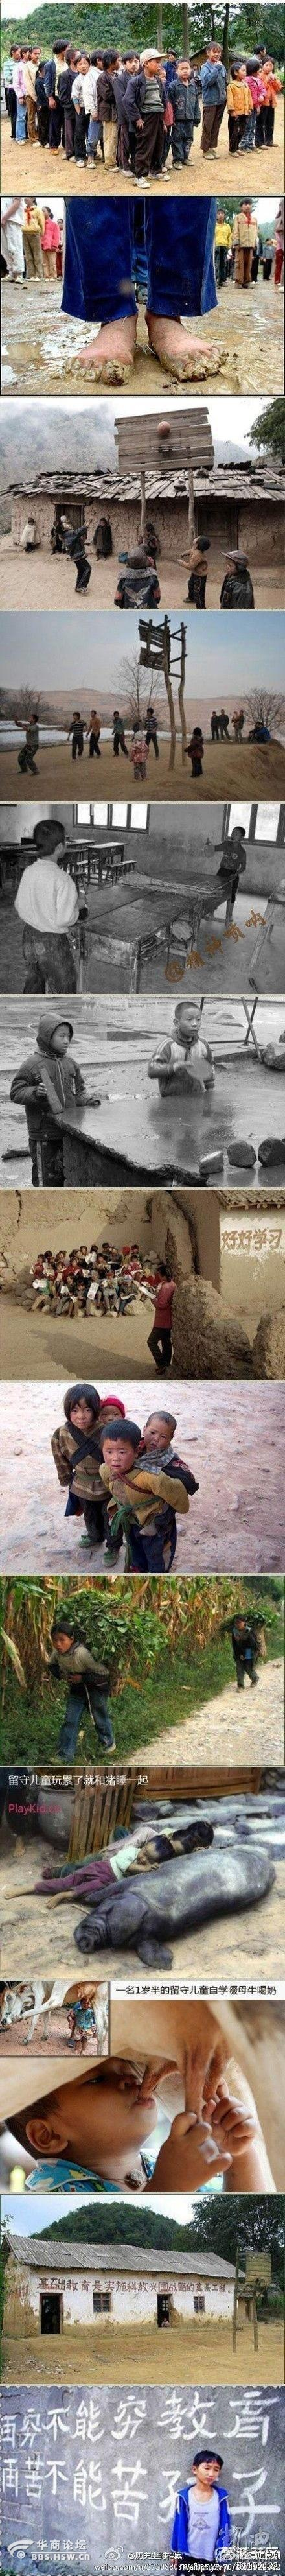 钓鱼岛是中国的,那么这些孩子是谁的? - 江南浪子 - 江南浪子的博客